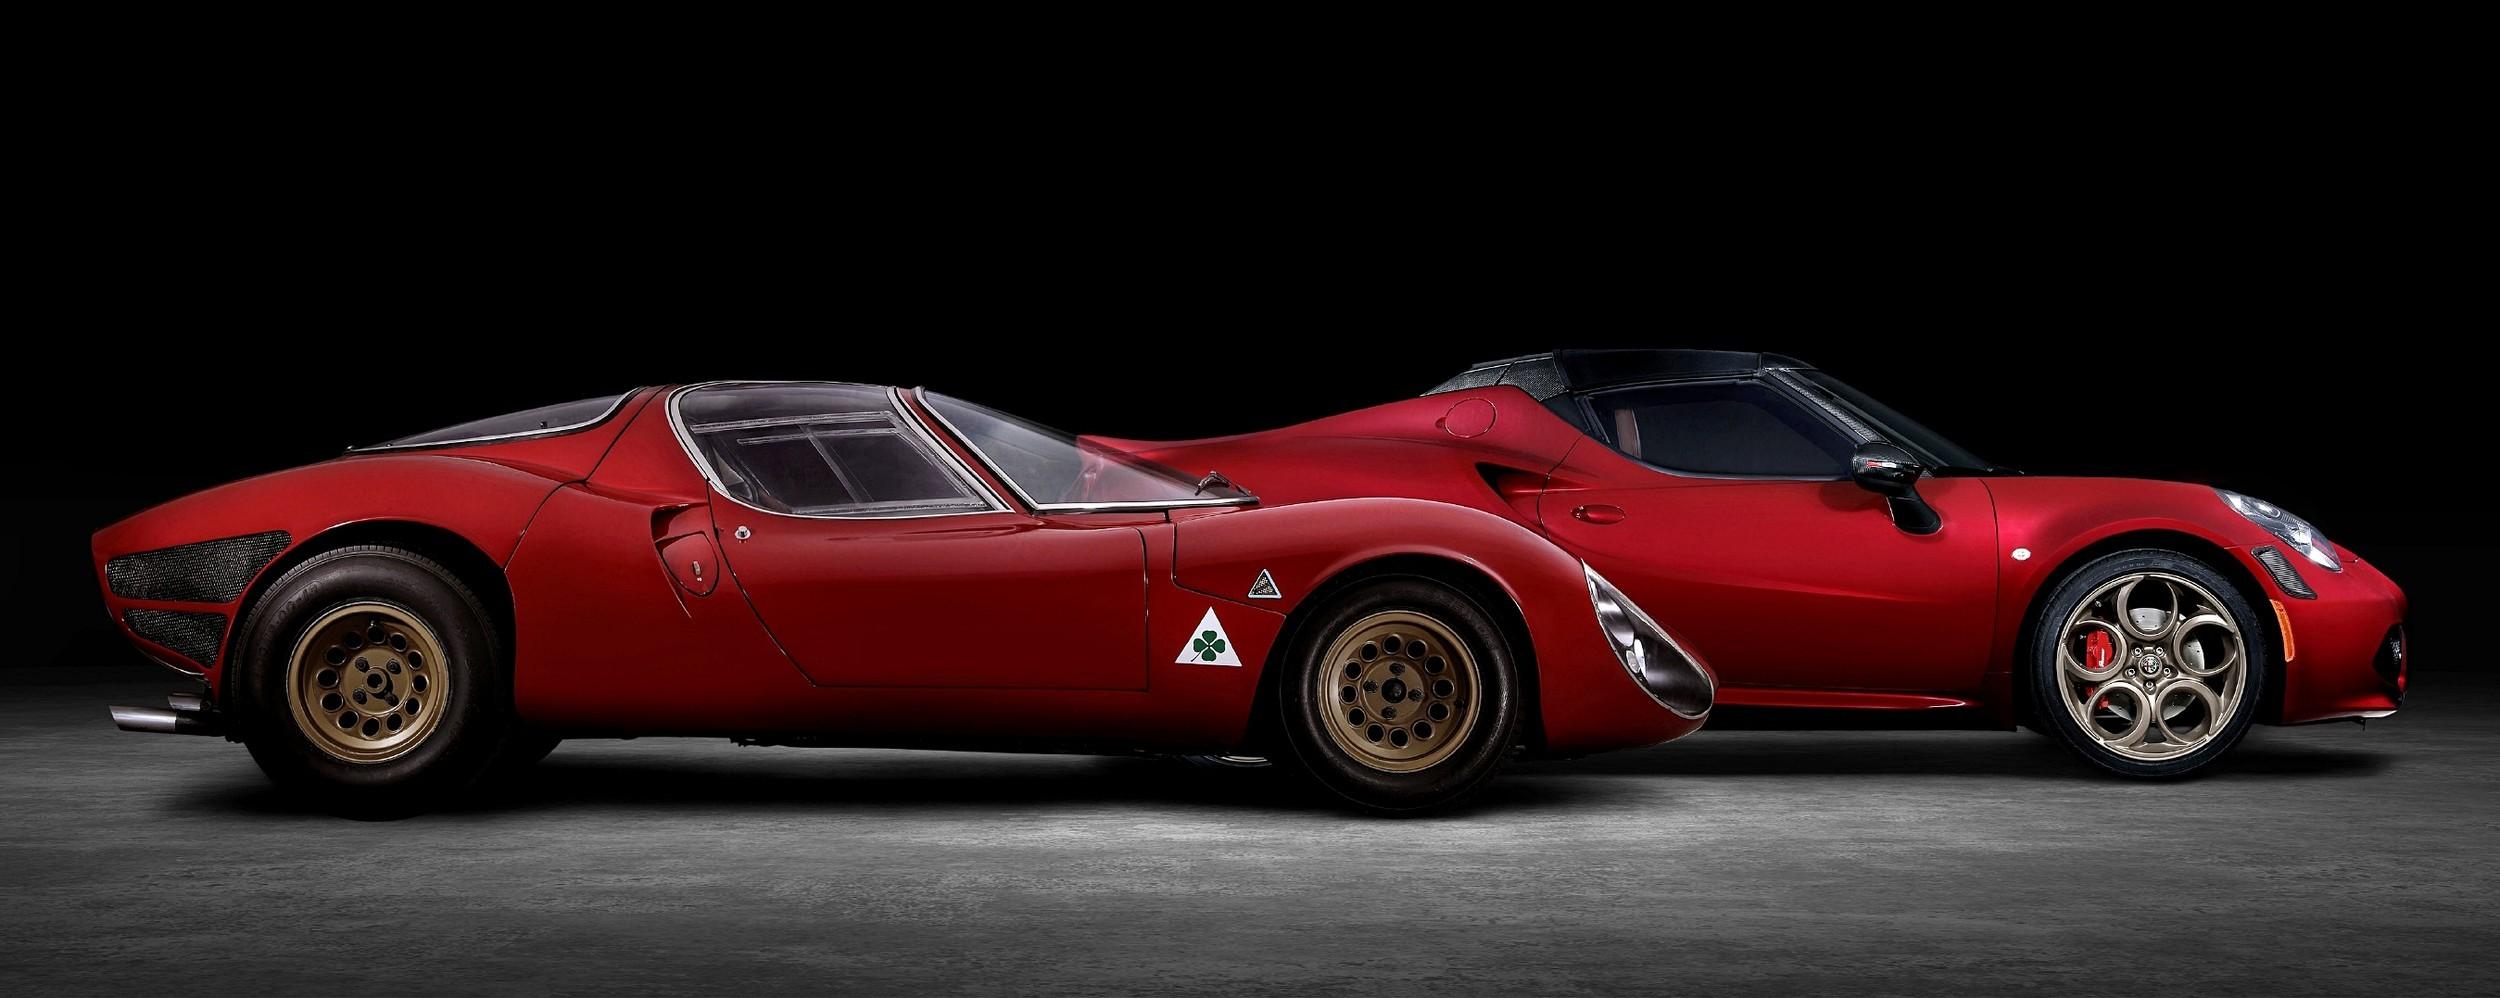 Alfa Romeo прощается со спорткарами: представлена финальная версия 4C Spider